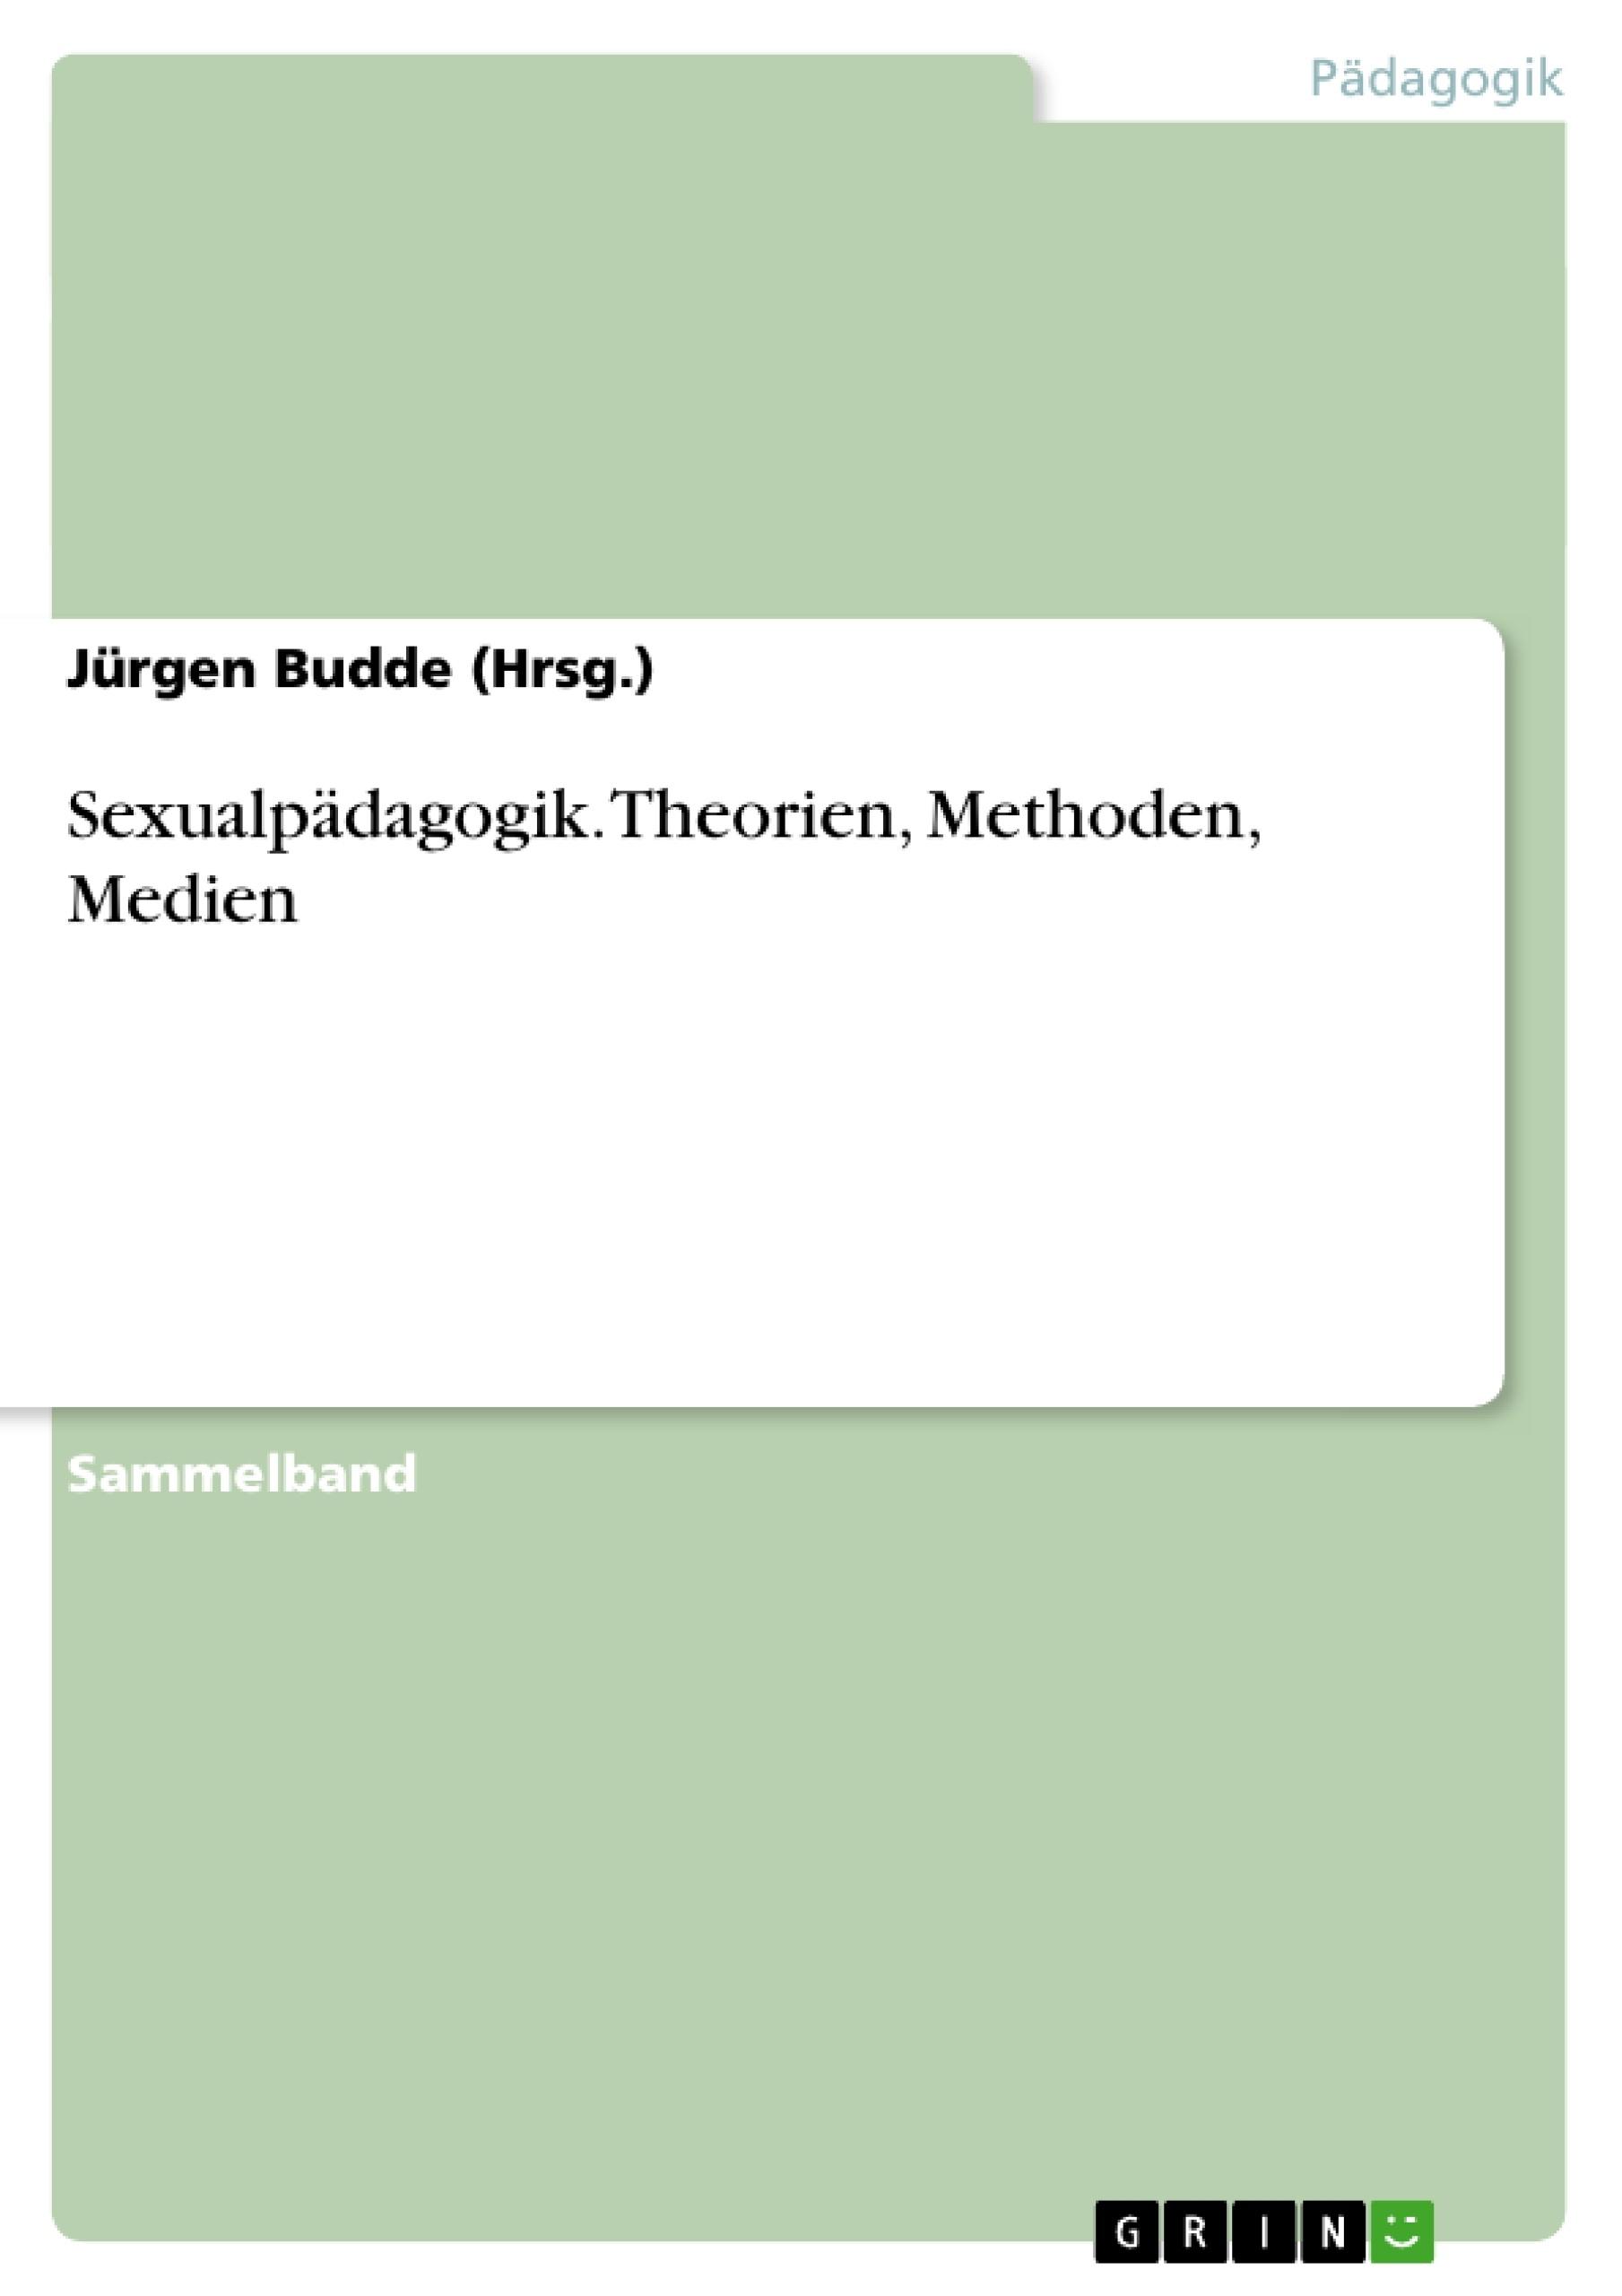 Titel: Sexualpädagogik. Theorien, Methoden, Medien